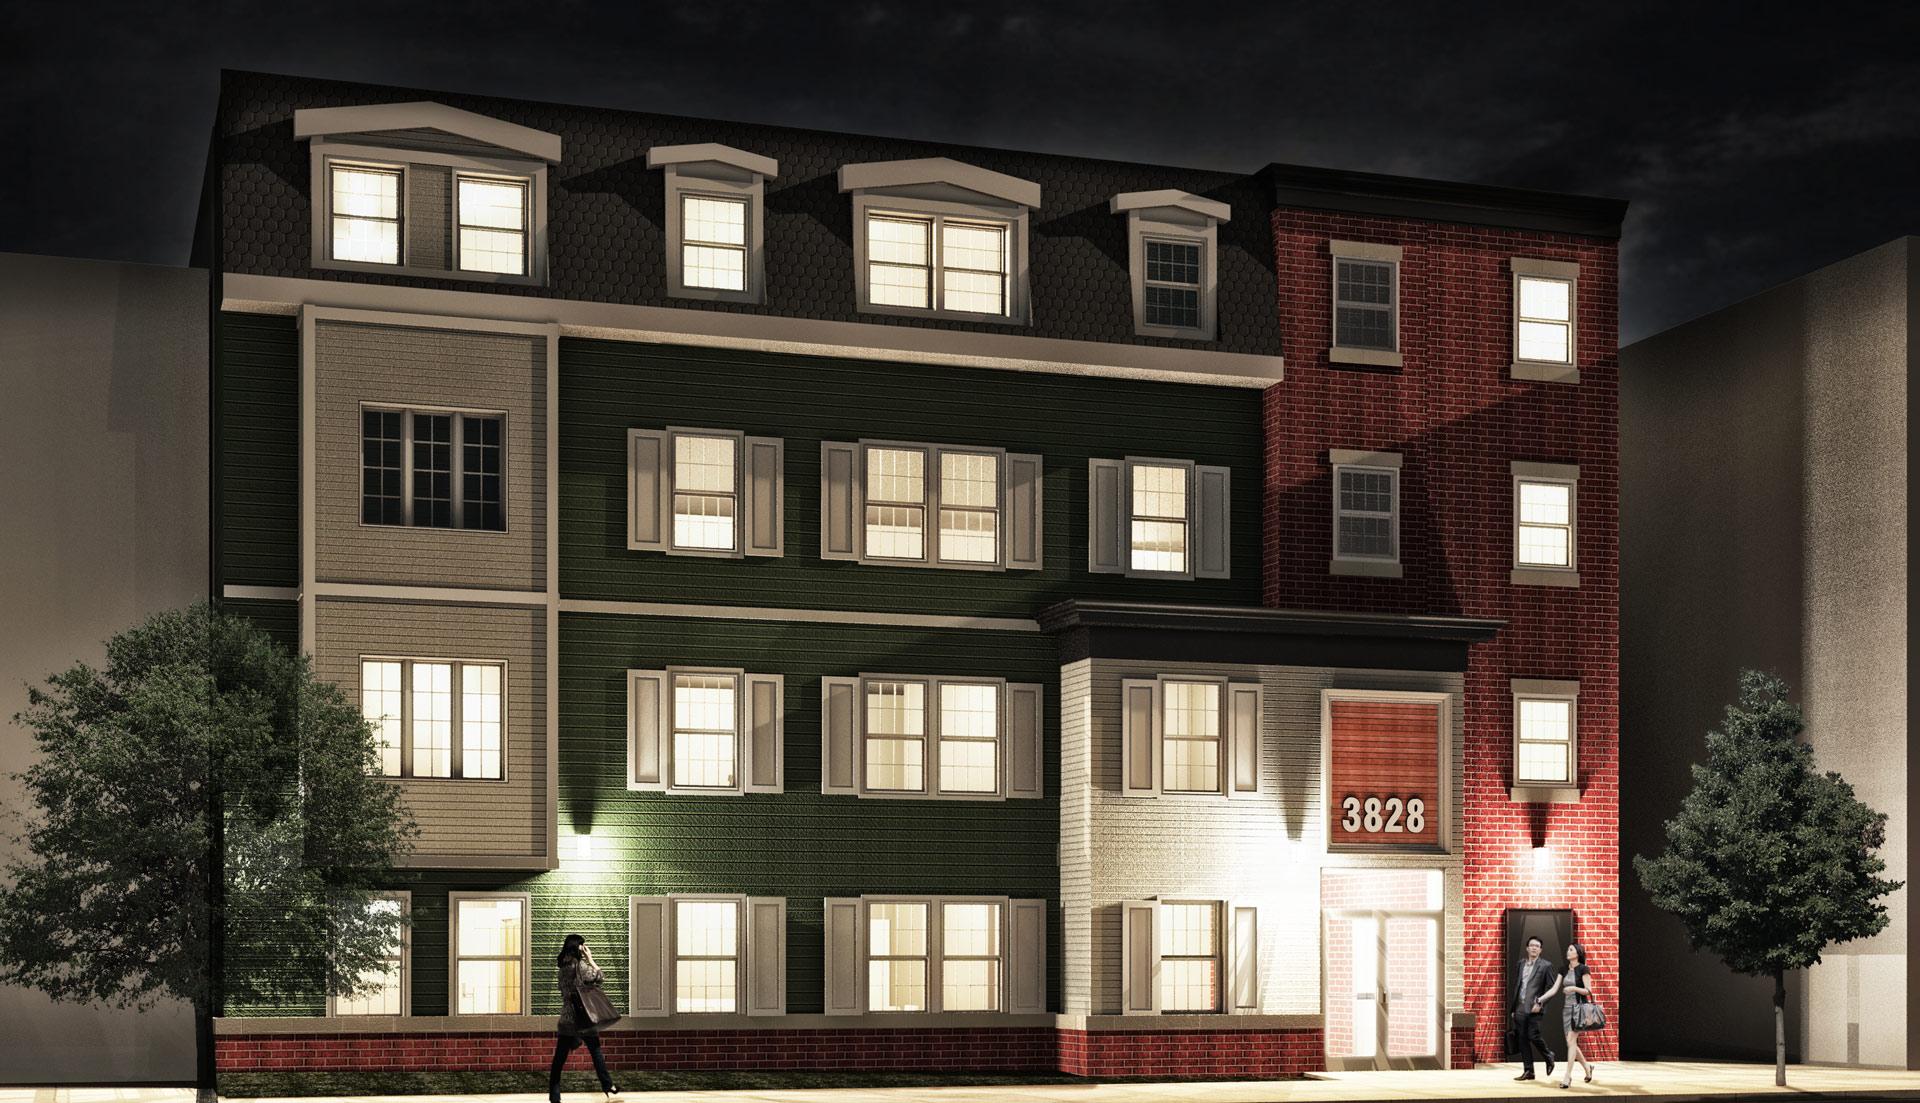 32 unit new construction apartment building